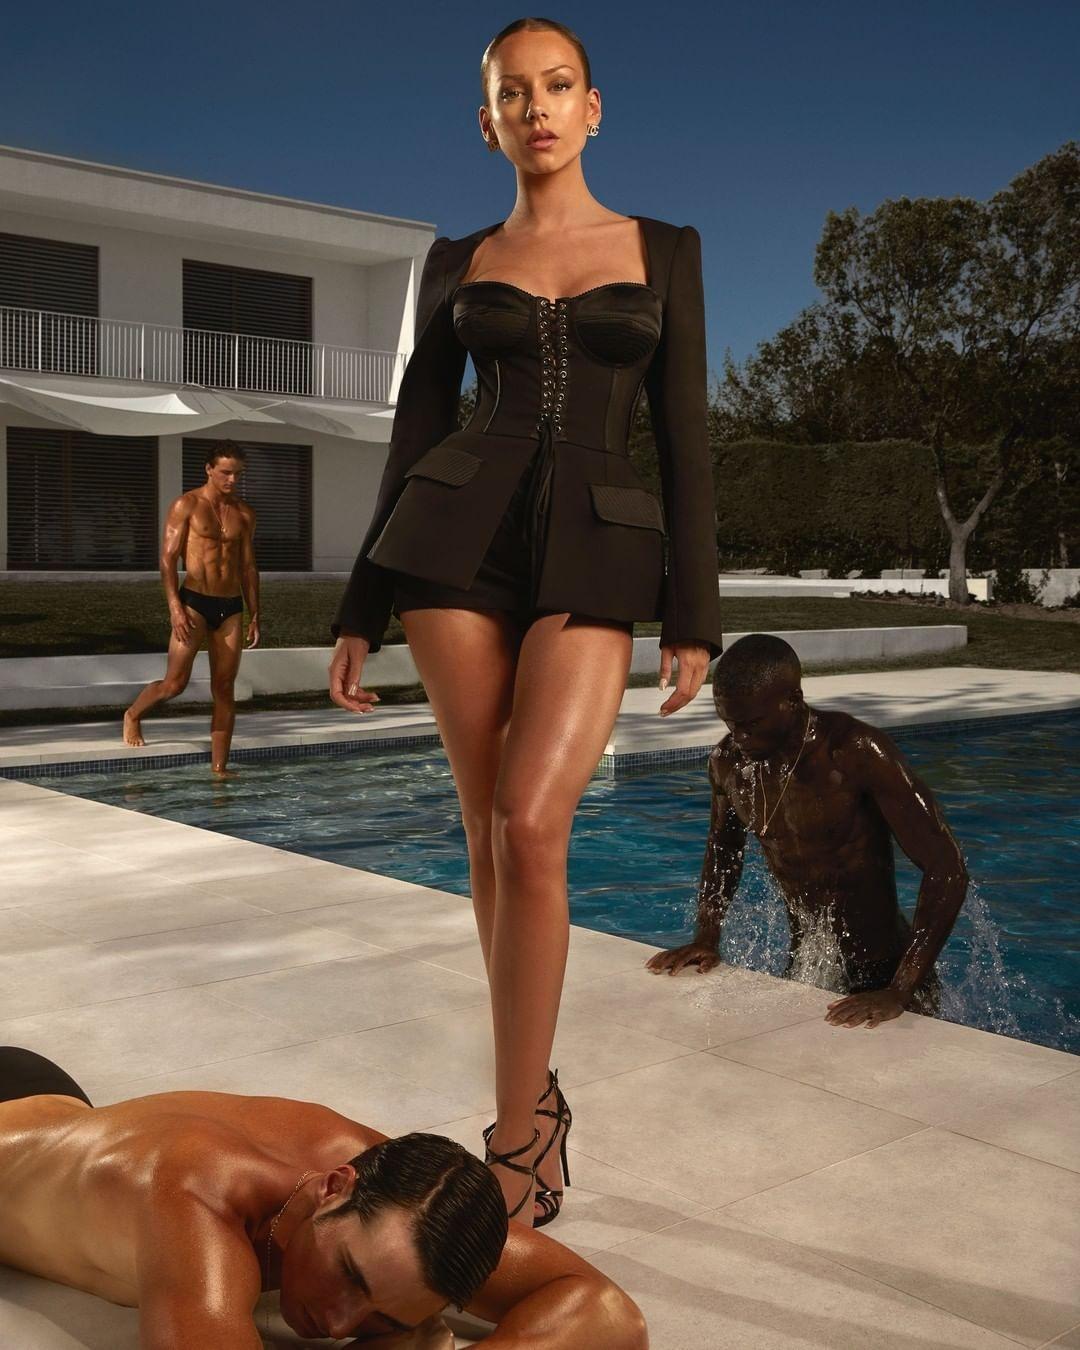 """Звезда сериала """"Элита"""" Эстер Экспосито стала лицом новой рекламной кампании Dolce&Gabbana (ФОТО) - фото №6"""